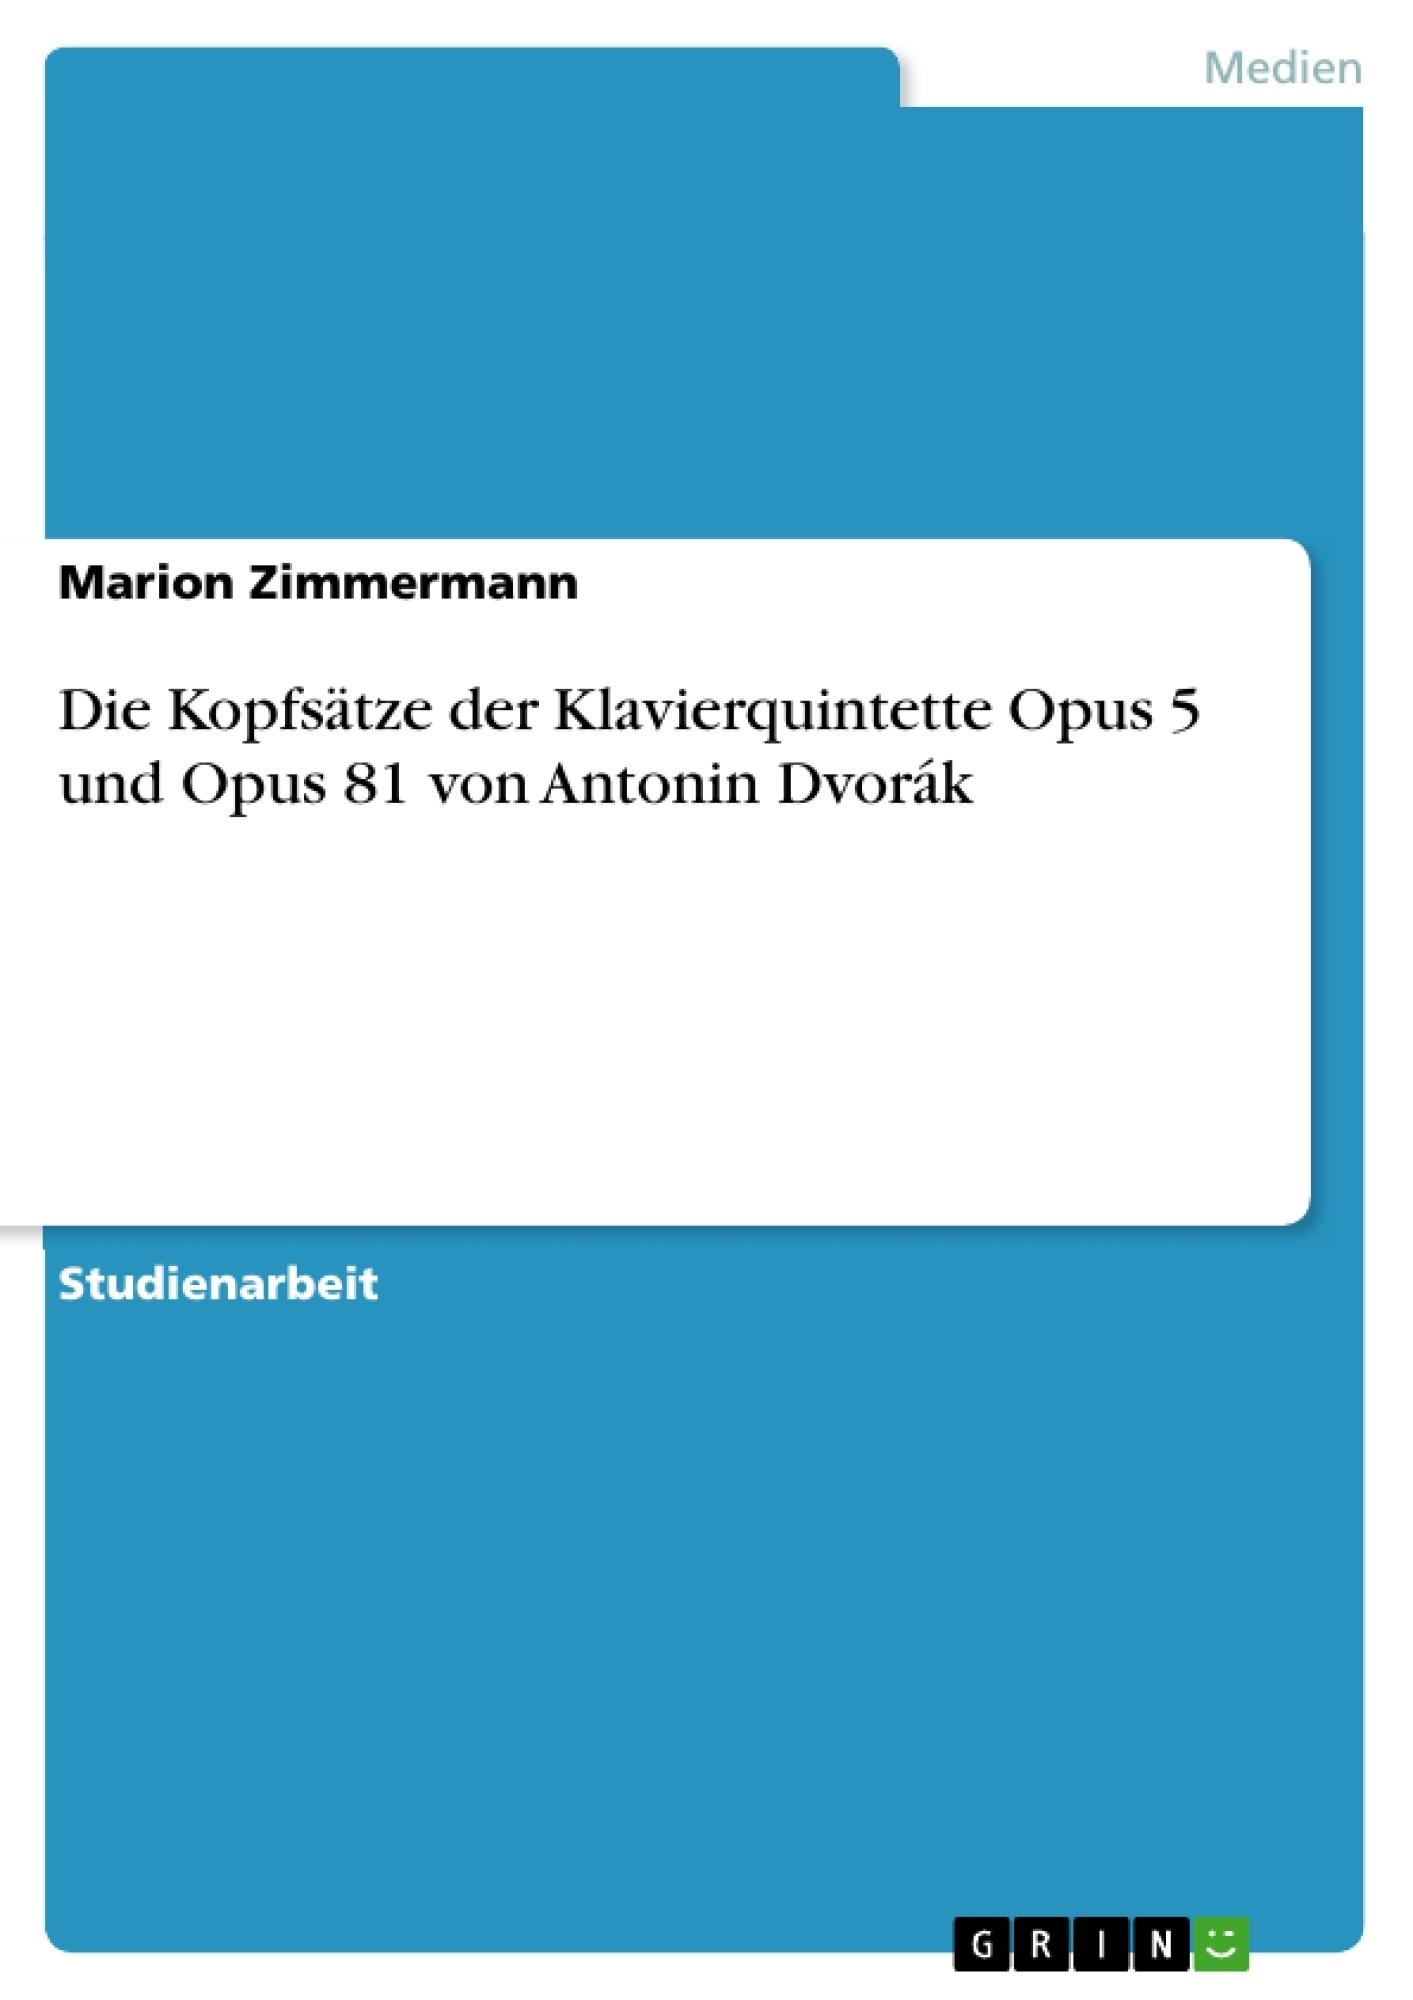 Titel: Die Kopfsätze der Klavierquintette Opus 5 und Opus 81 von Antonin Dvorák